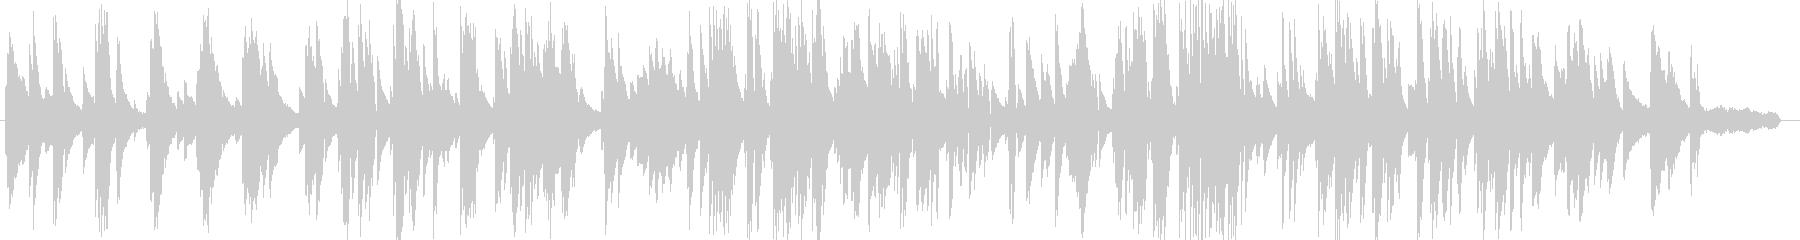 お洒落な動画に合うジャジーなピアノ5の未再生の波形